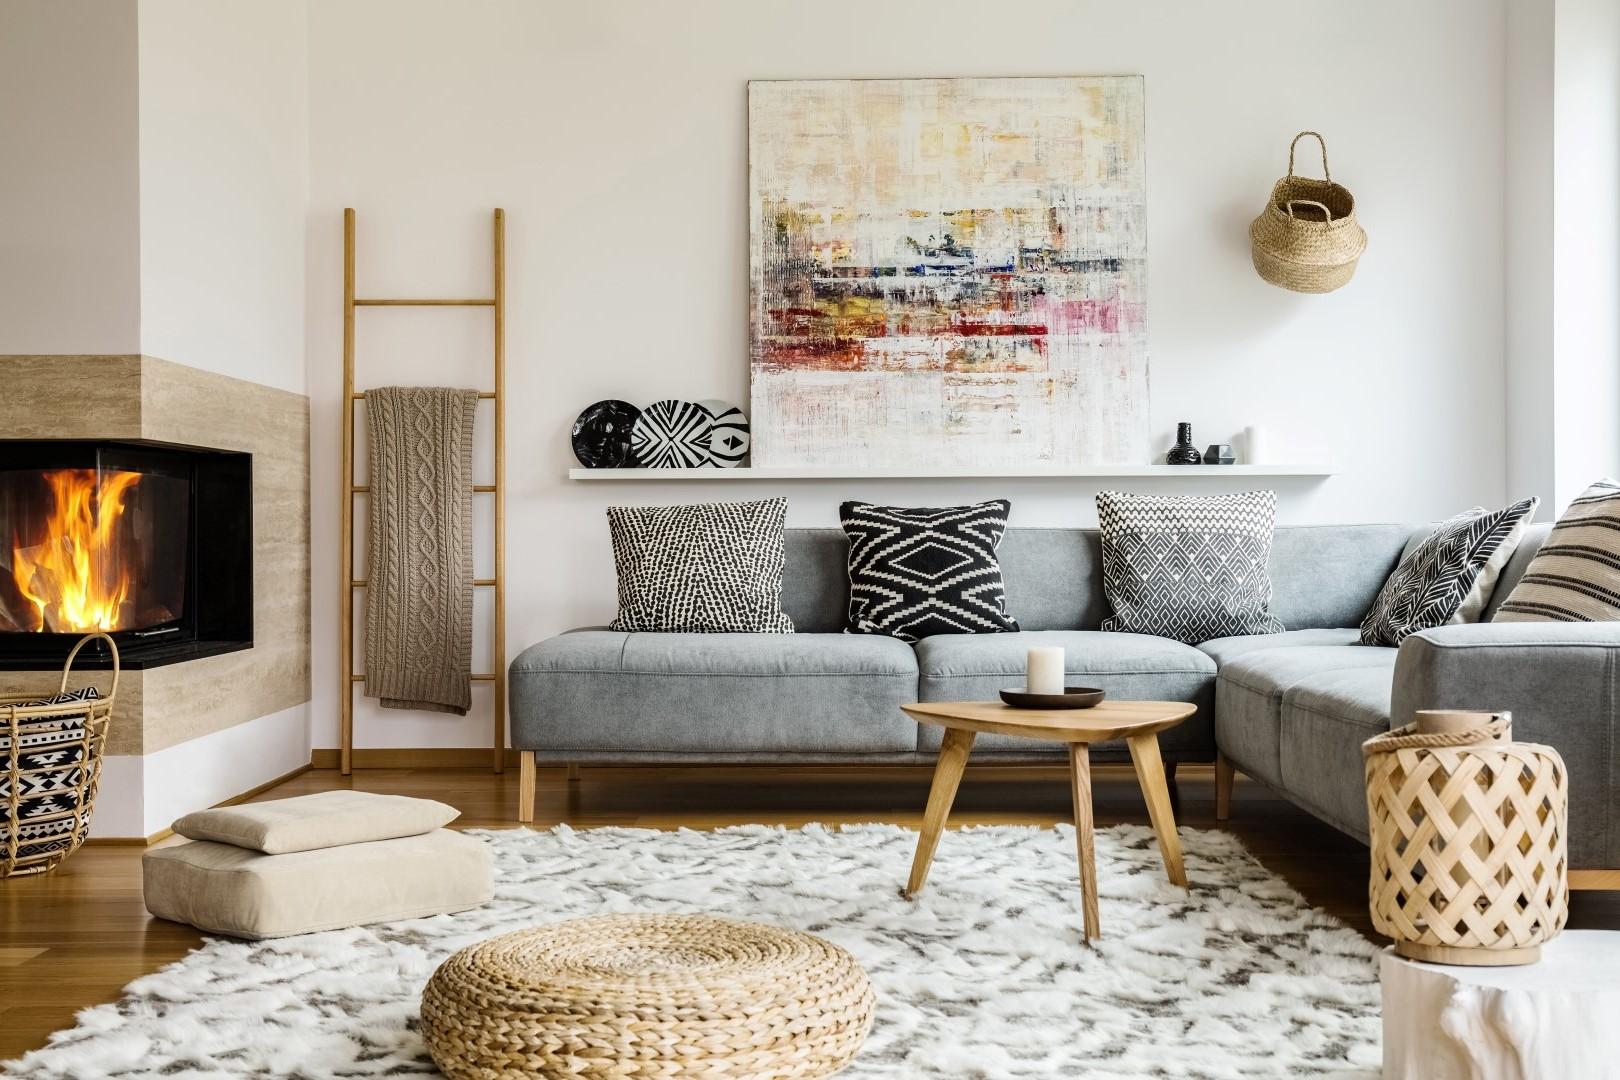 Ce salon cosy et invitant vous invite à passer la nuit au coin du feu grâce au canapé et au pouf confortables.